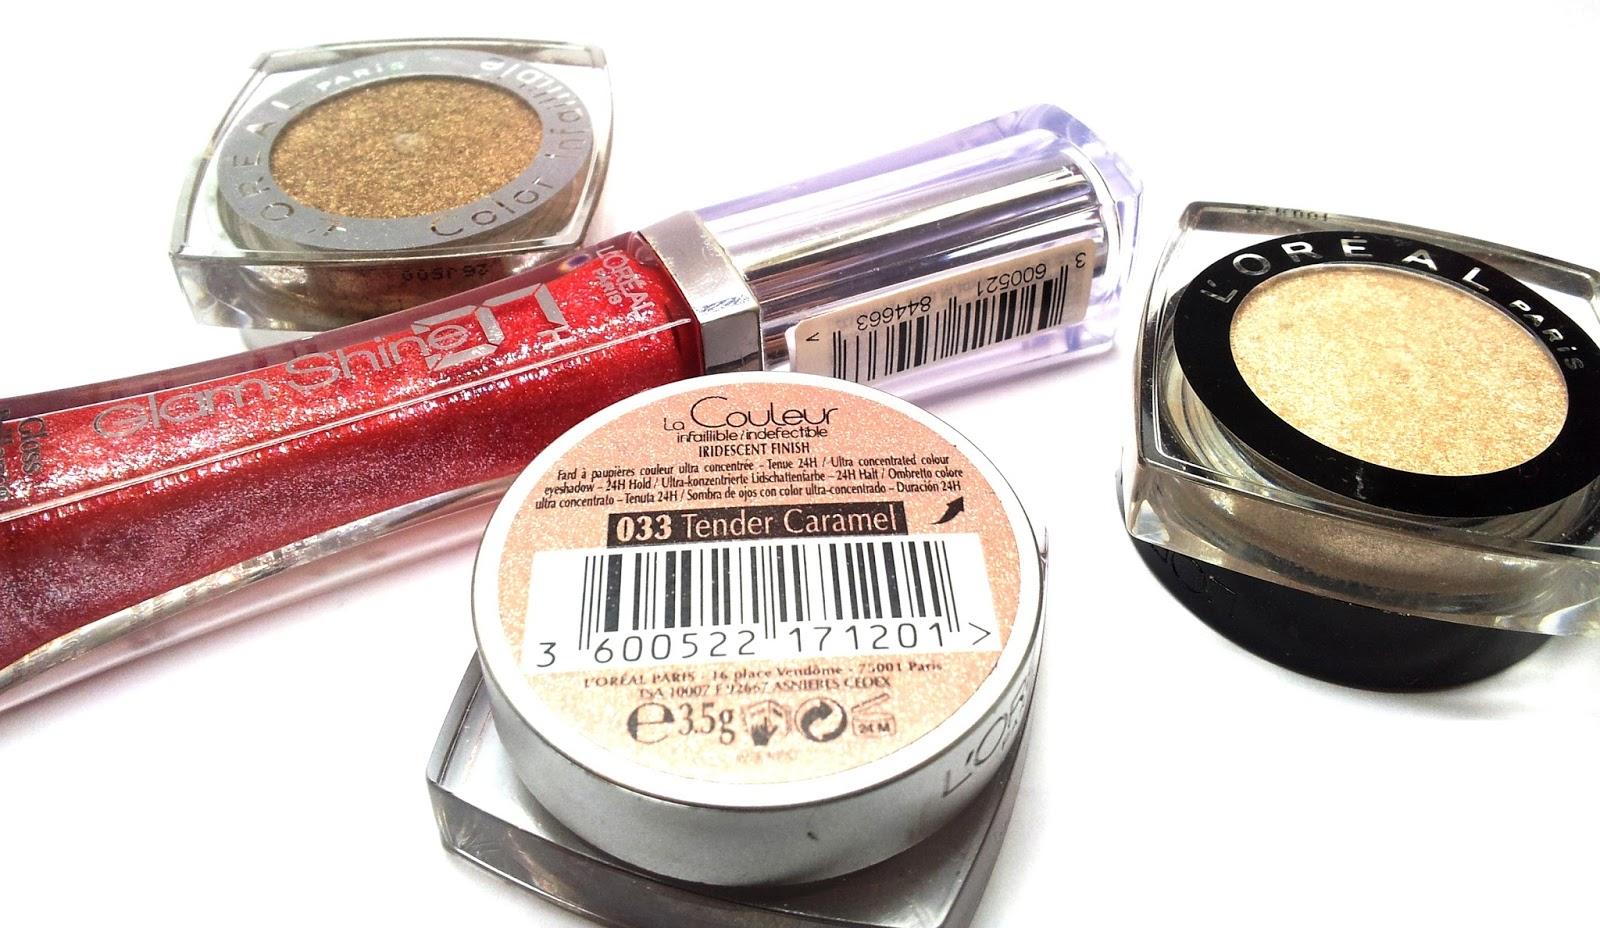 L'Oréal Couleur infaillible 033 Tender caramel